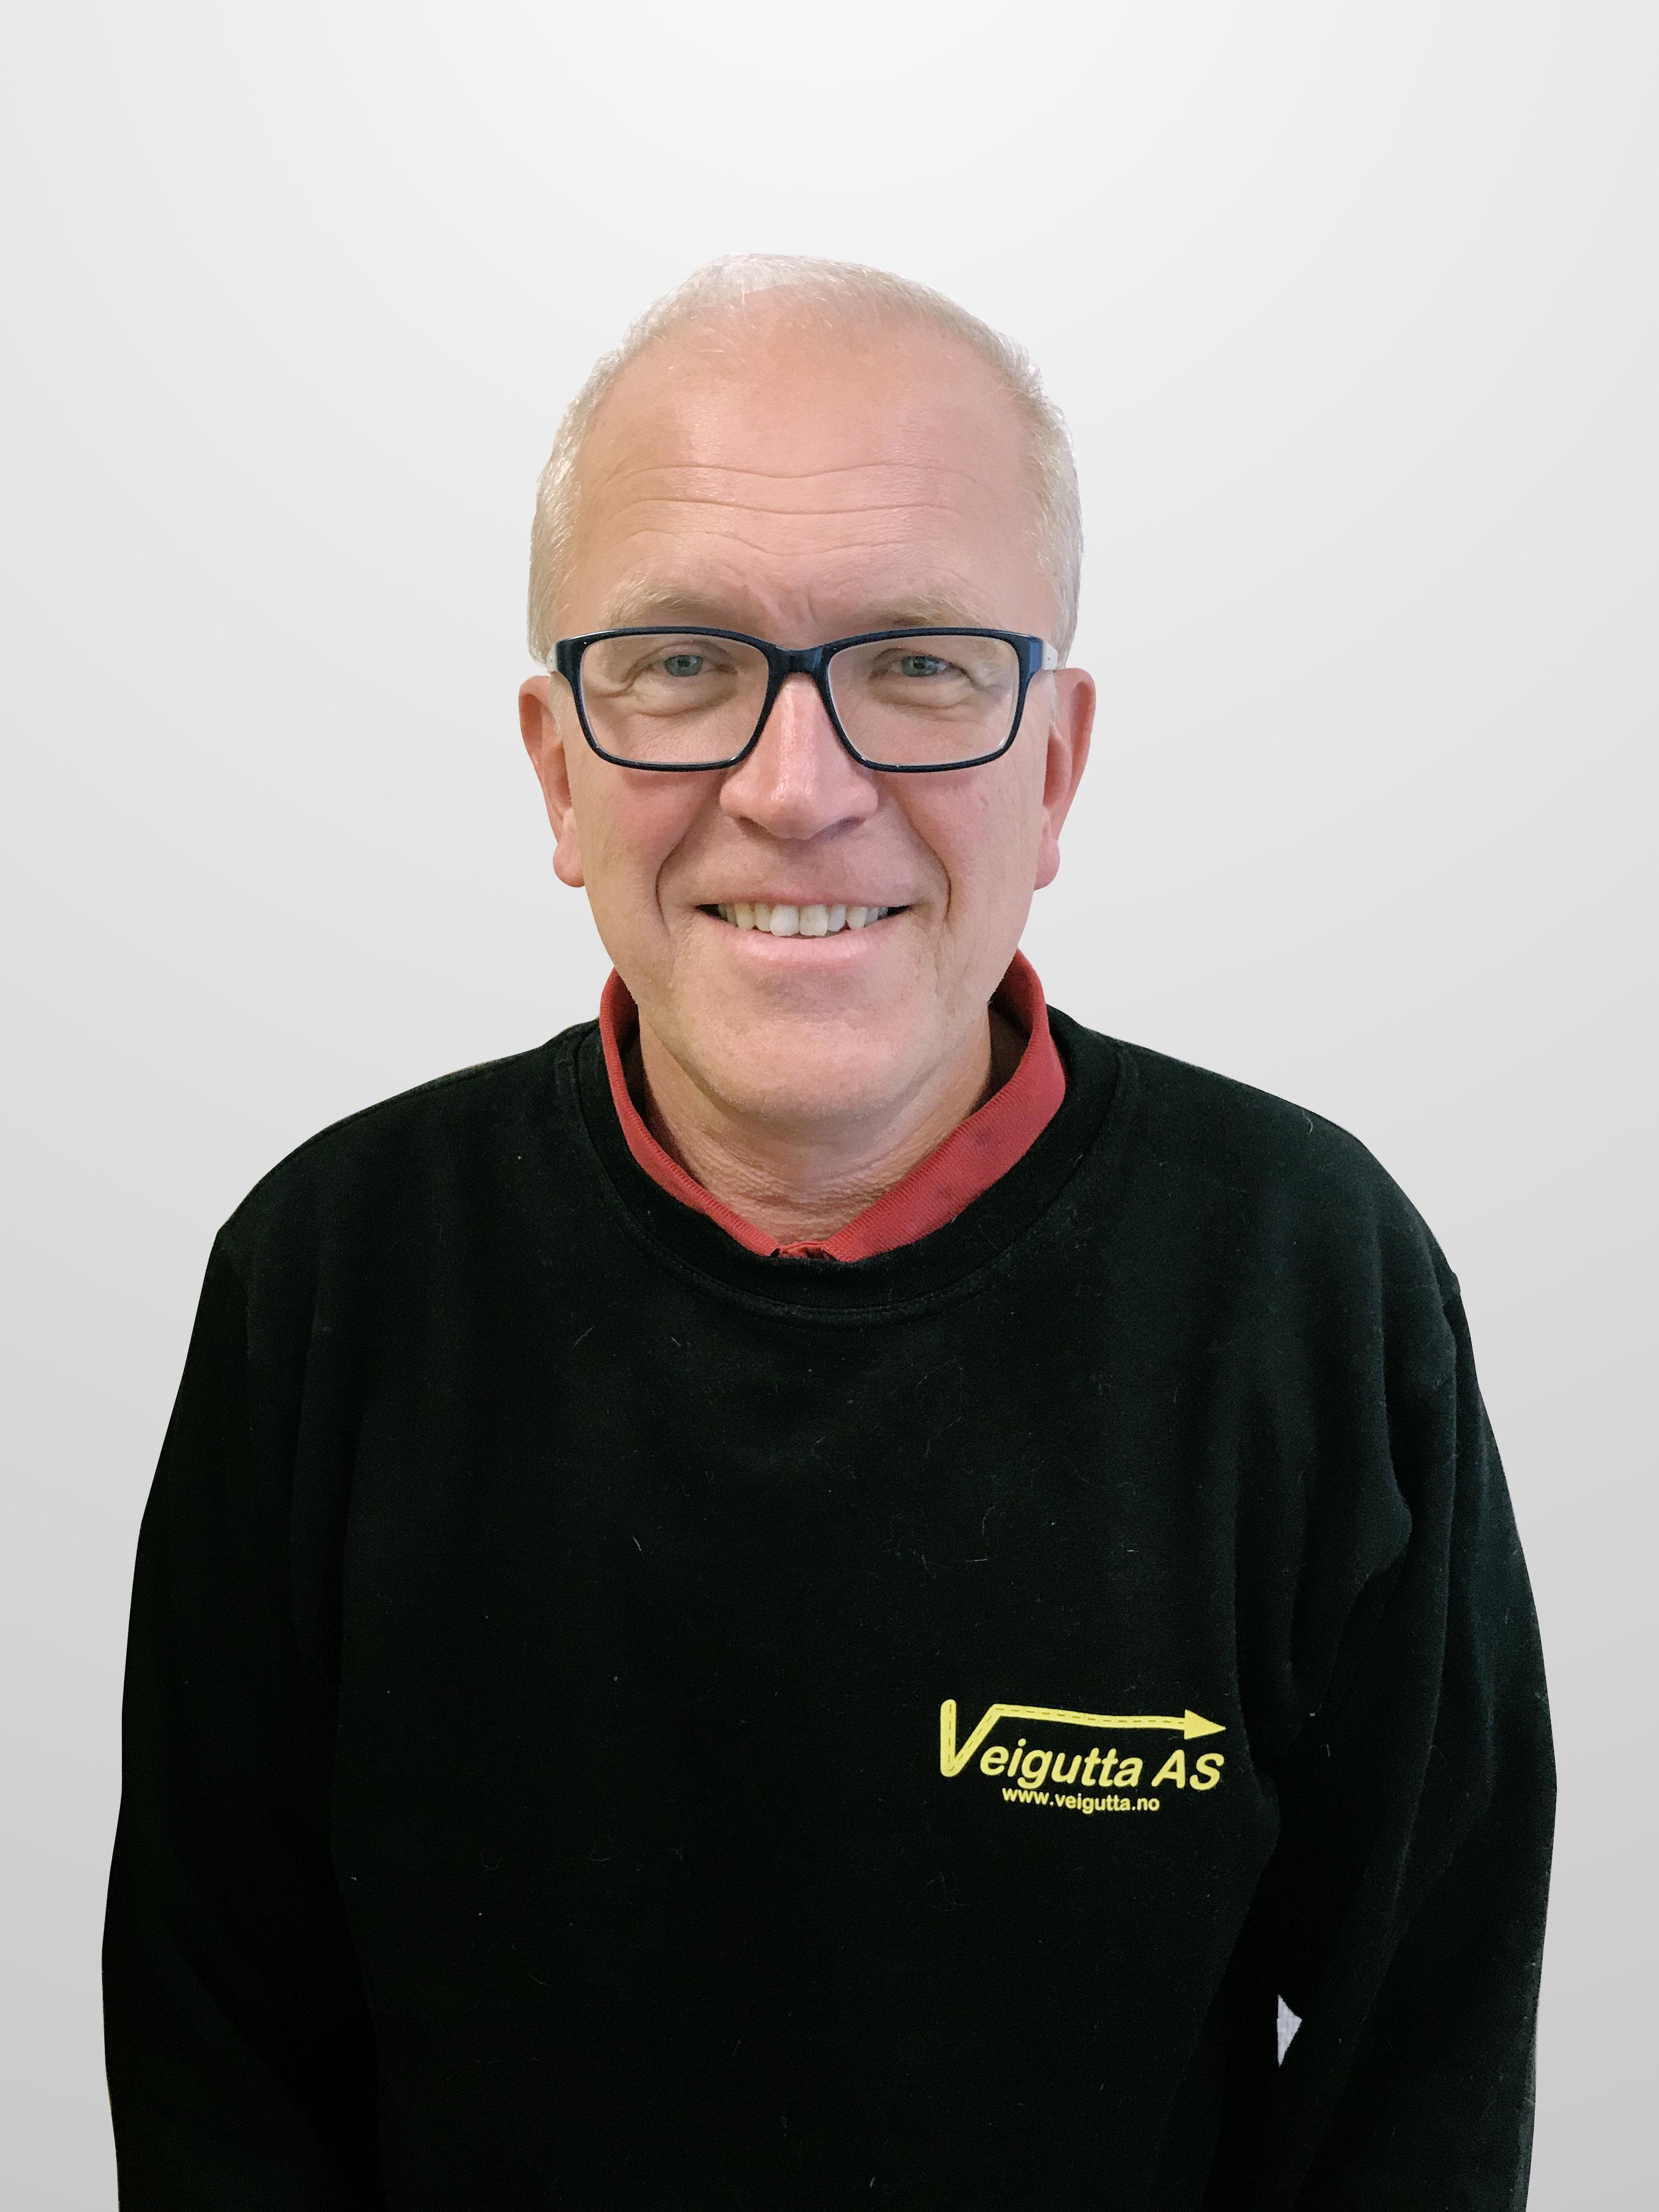 Bjørn Sune - Prosjektledersune@veigutta.no